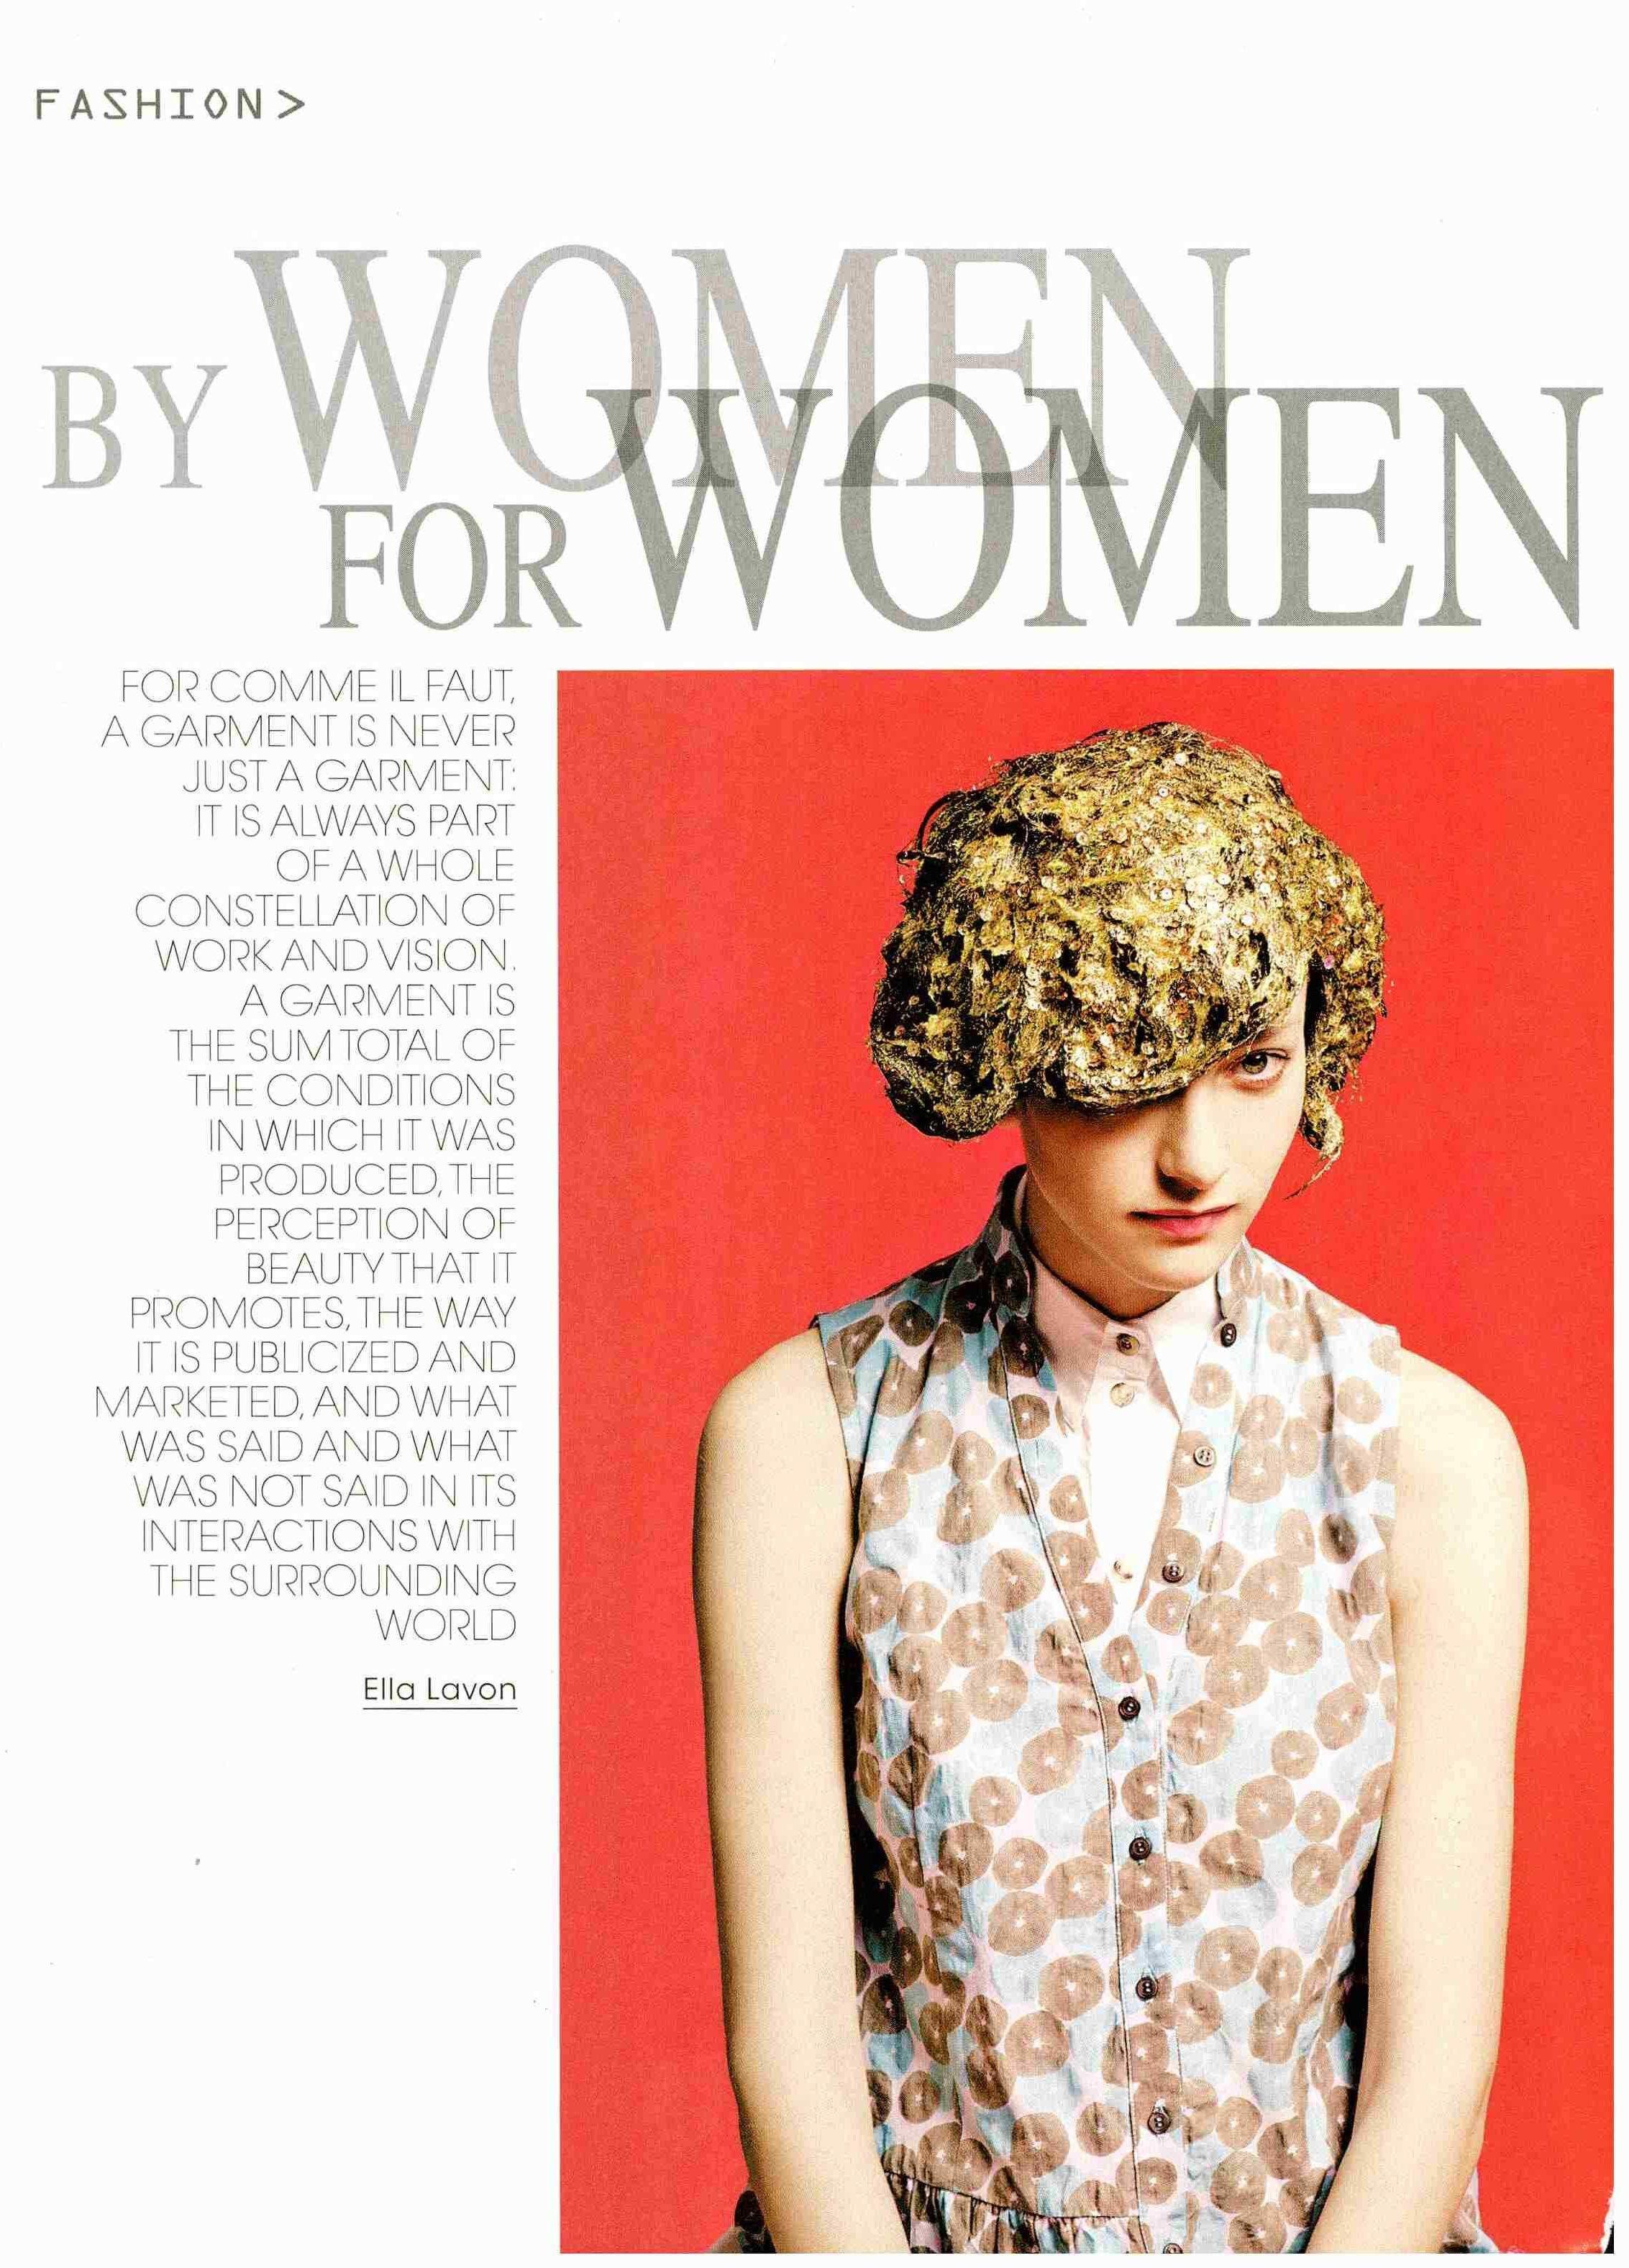 women-cloths-fashion-women-cloths-fashion-women-cloths-fashion-women-cloths-fashion-women-cloths-fashion